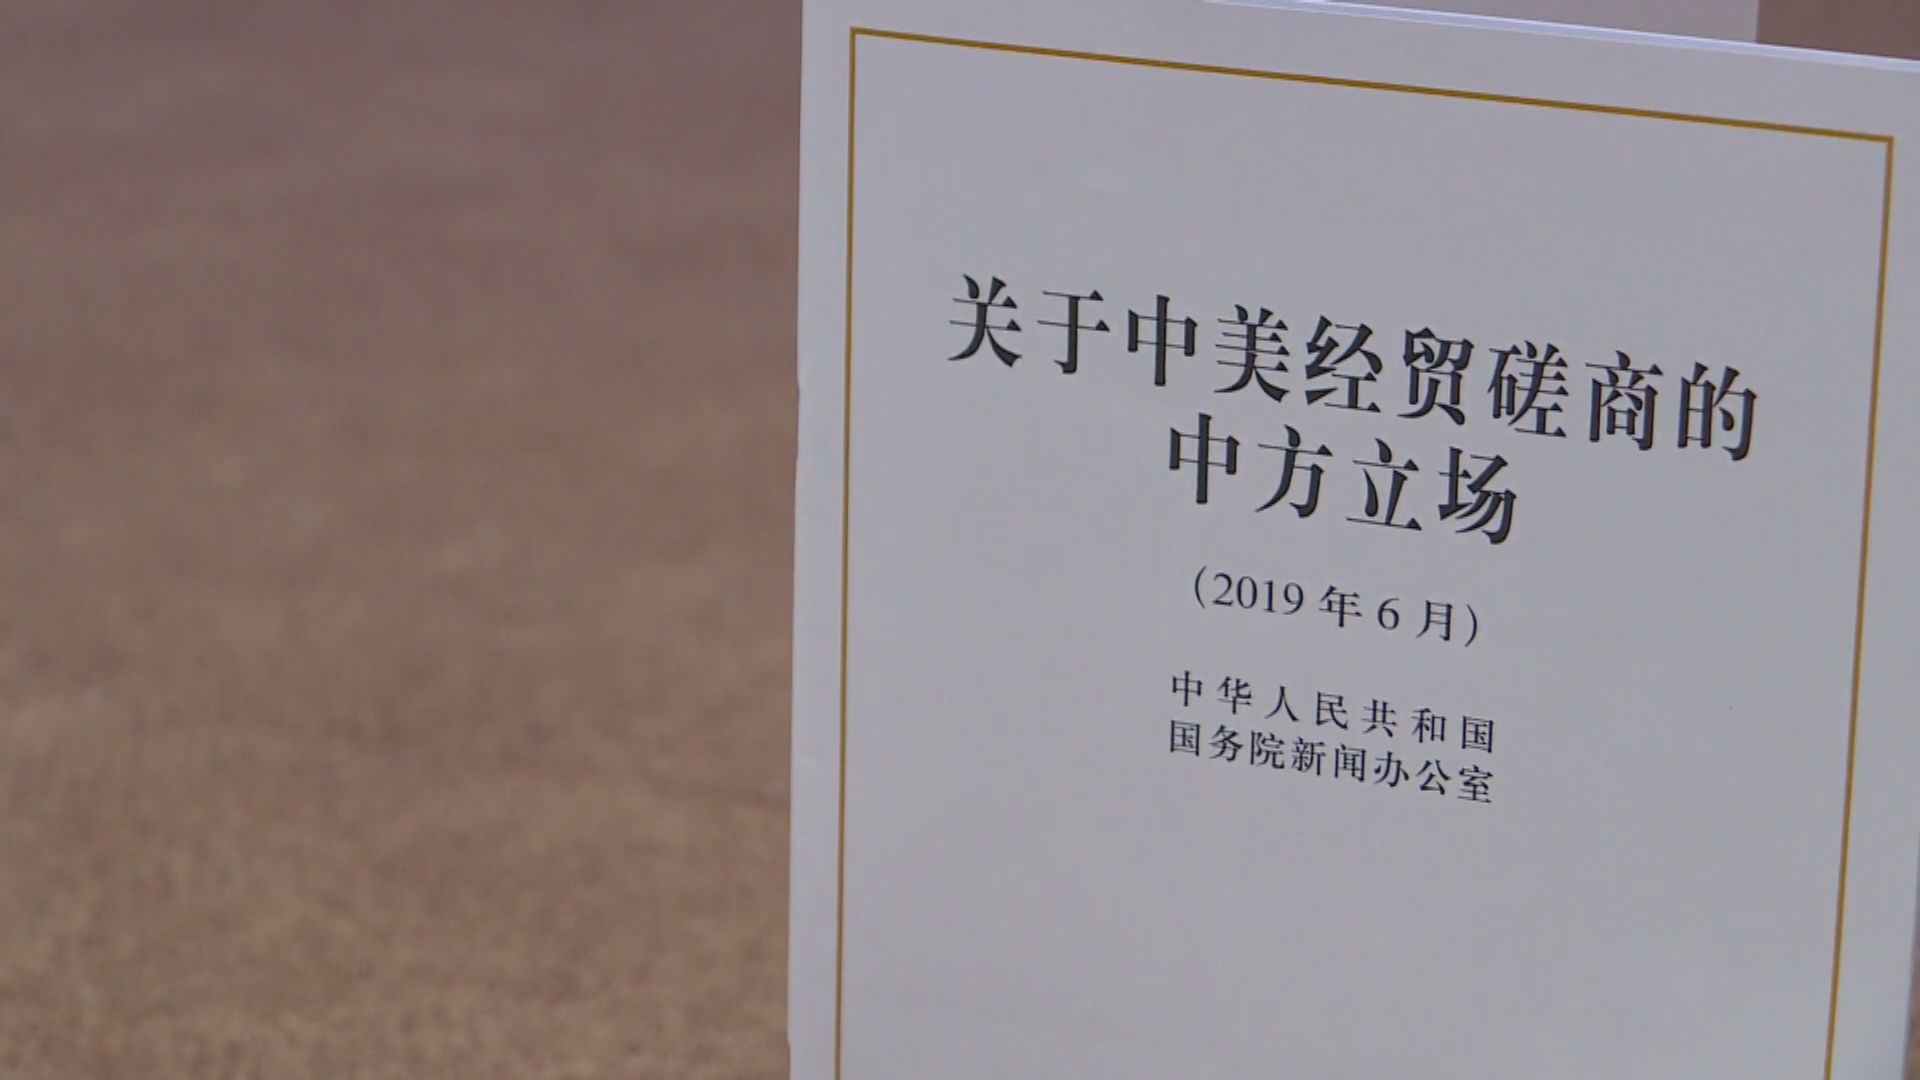 分析指中國藉白皮書向美發最後警告